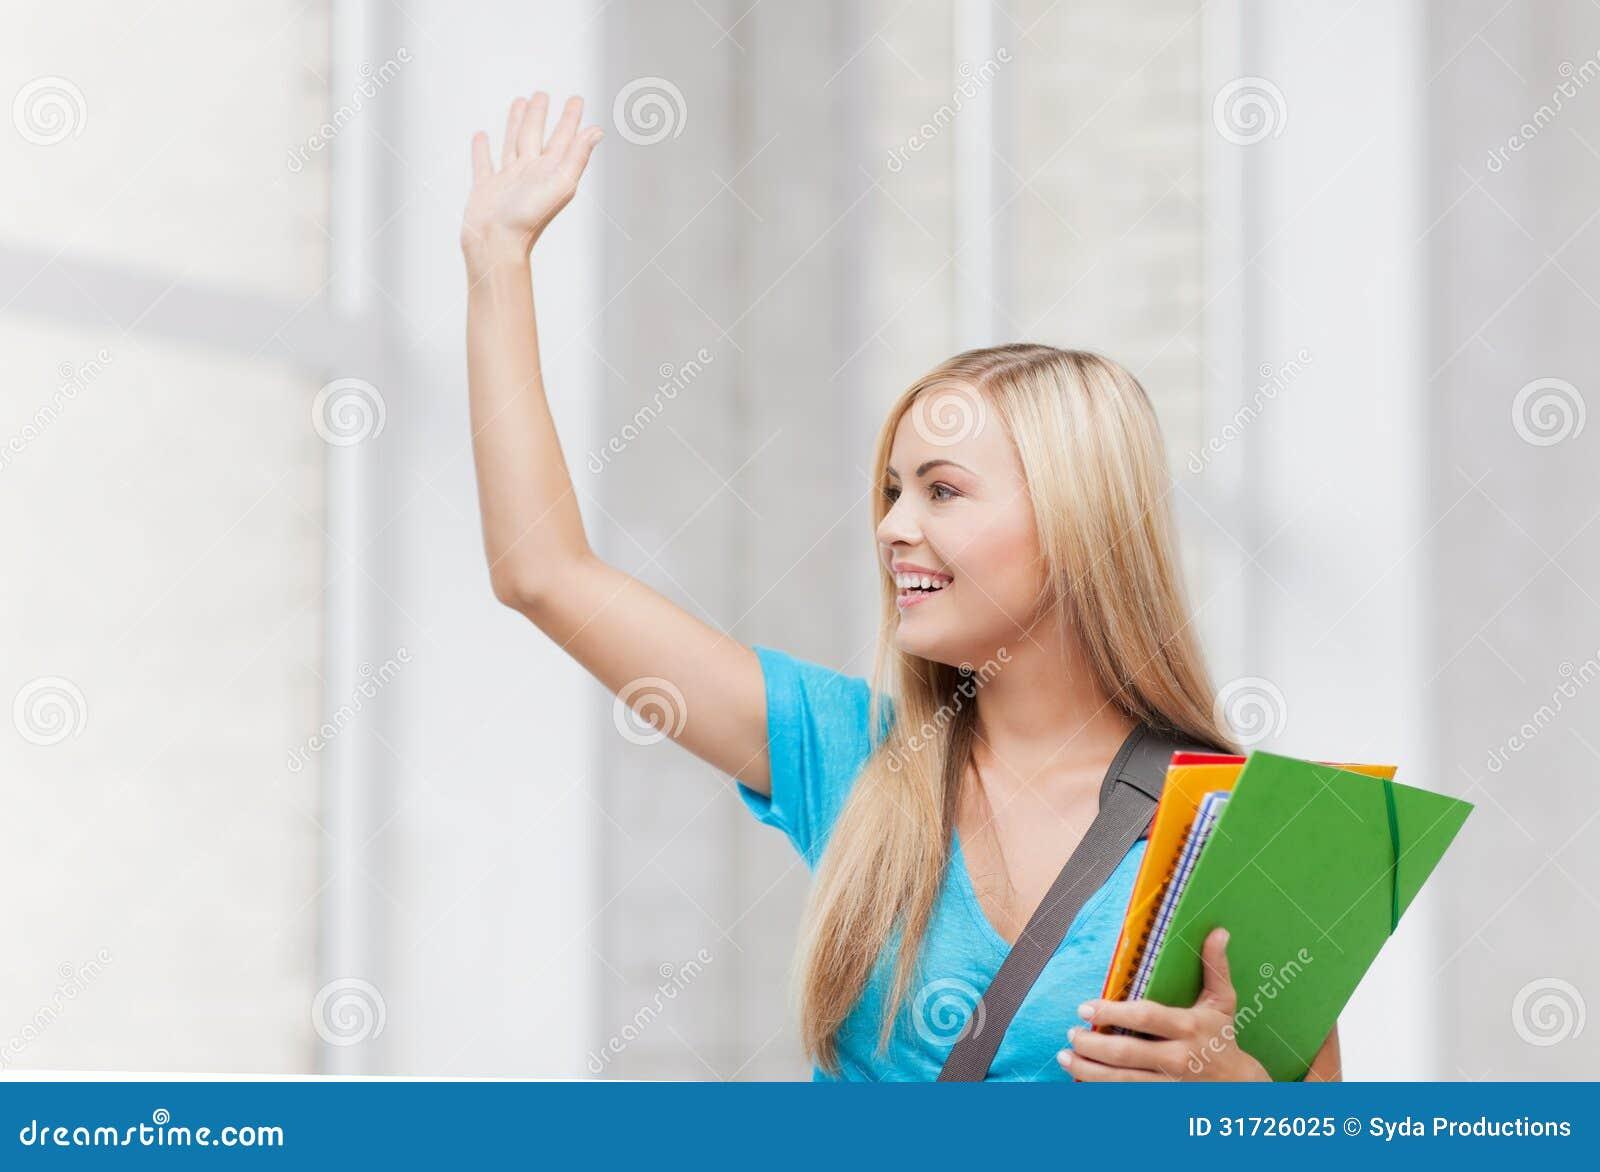 Студентку по рукам 18 фотография